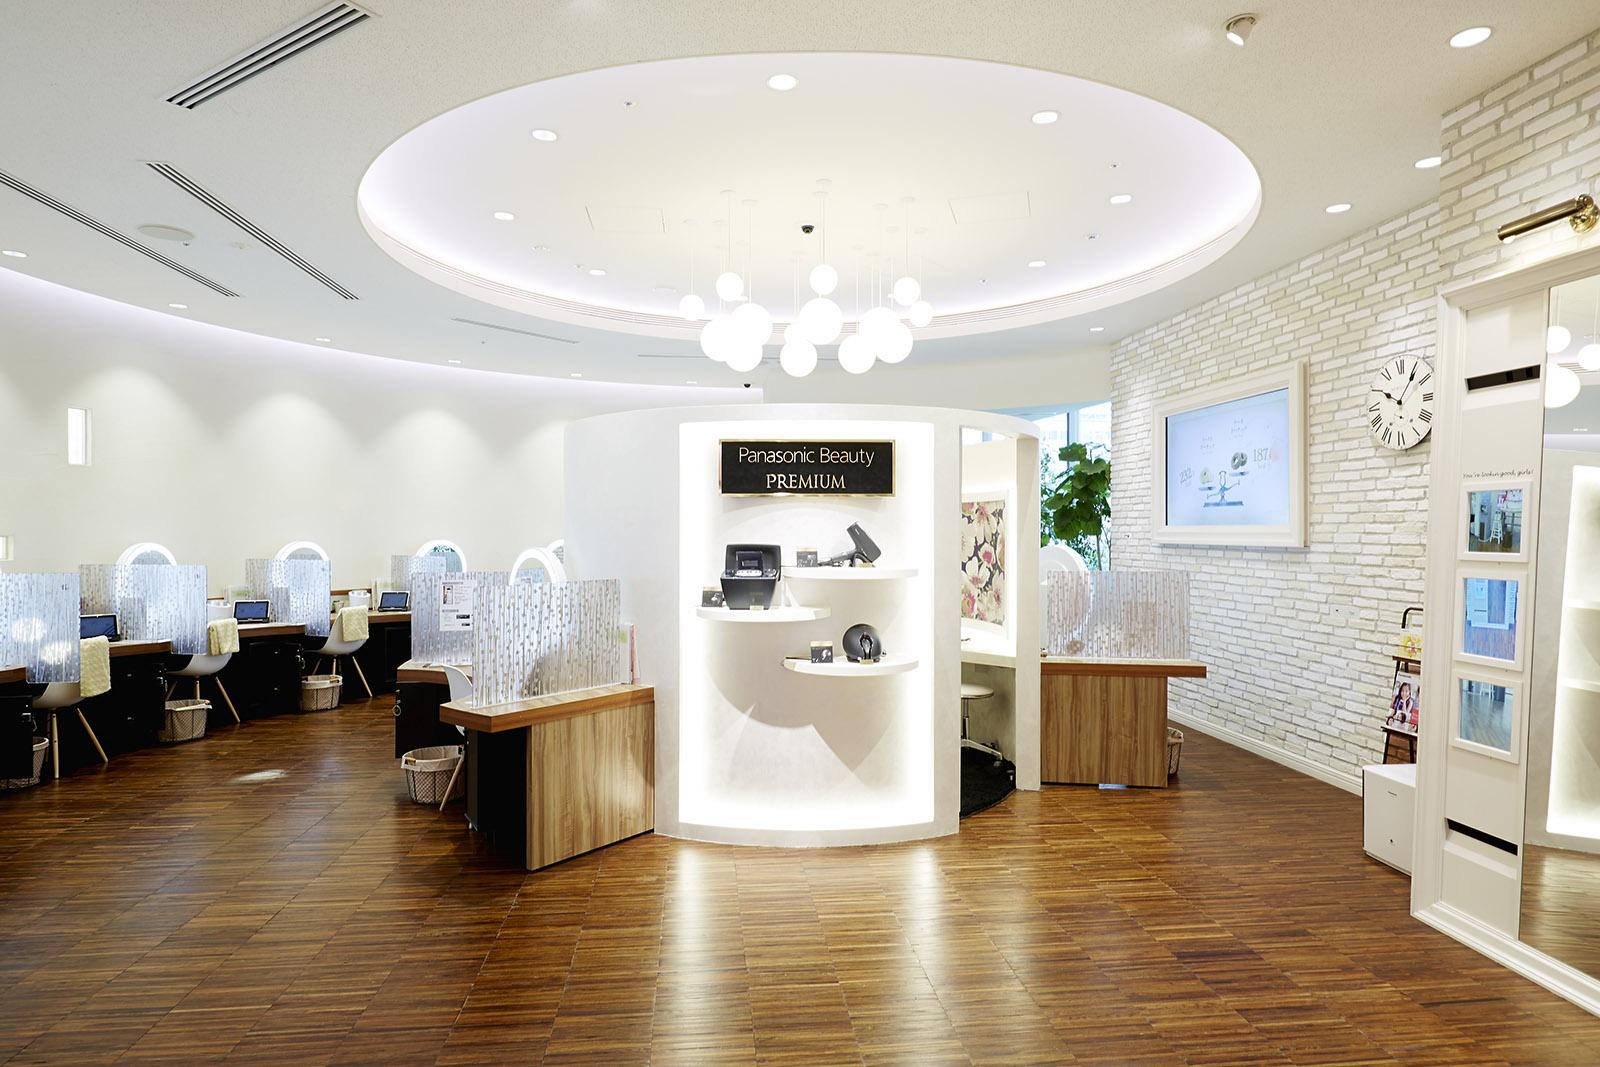 パナソニックセンター大阪でPanasonic Beauty PREMIUMが体験できる!